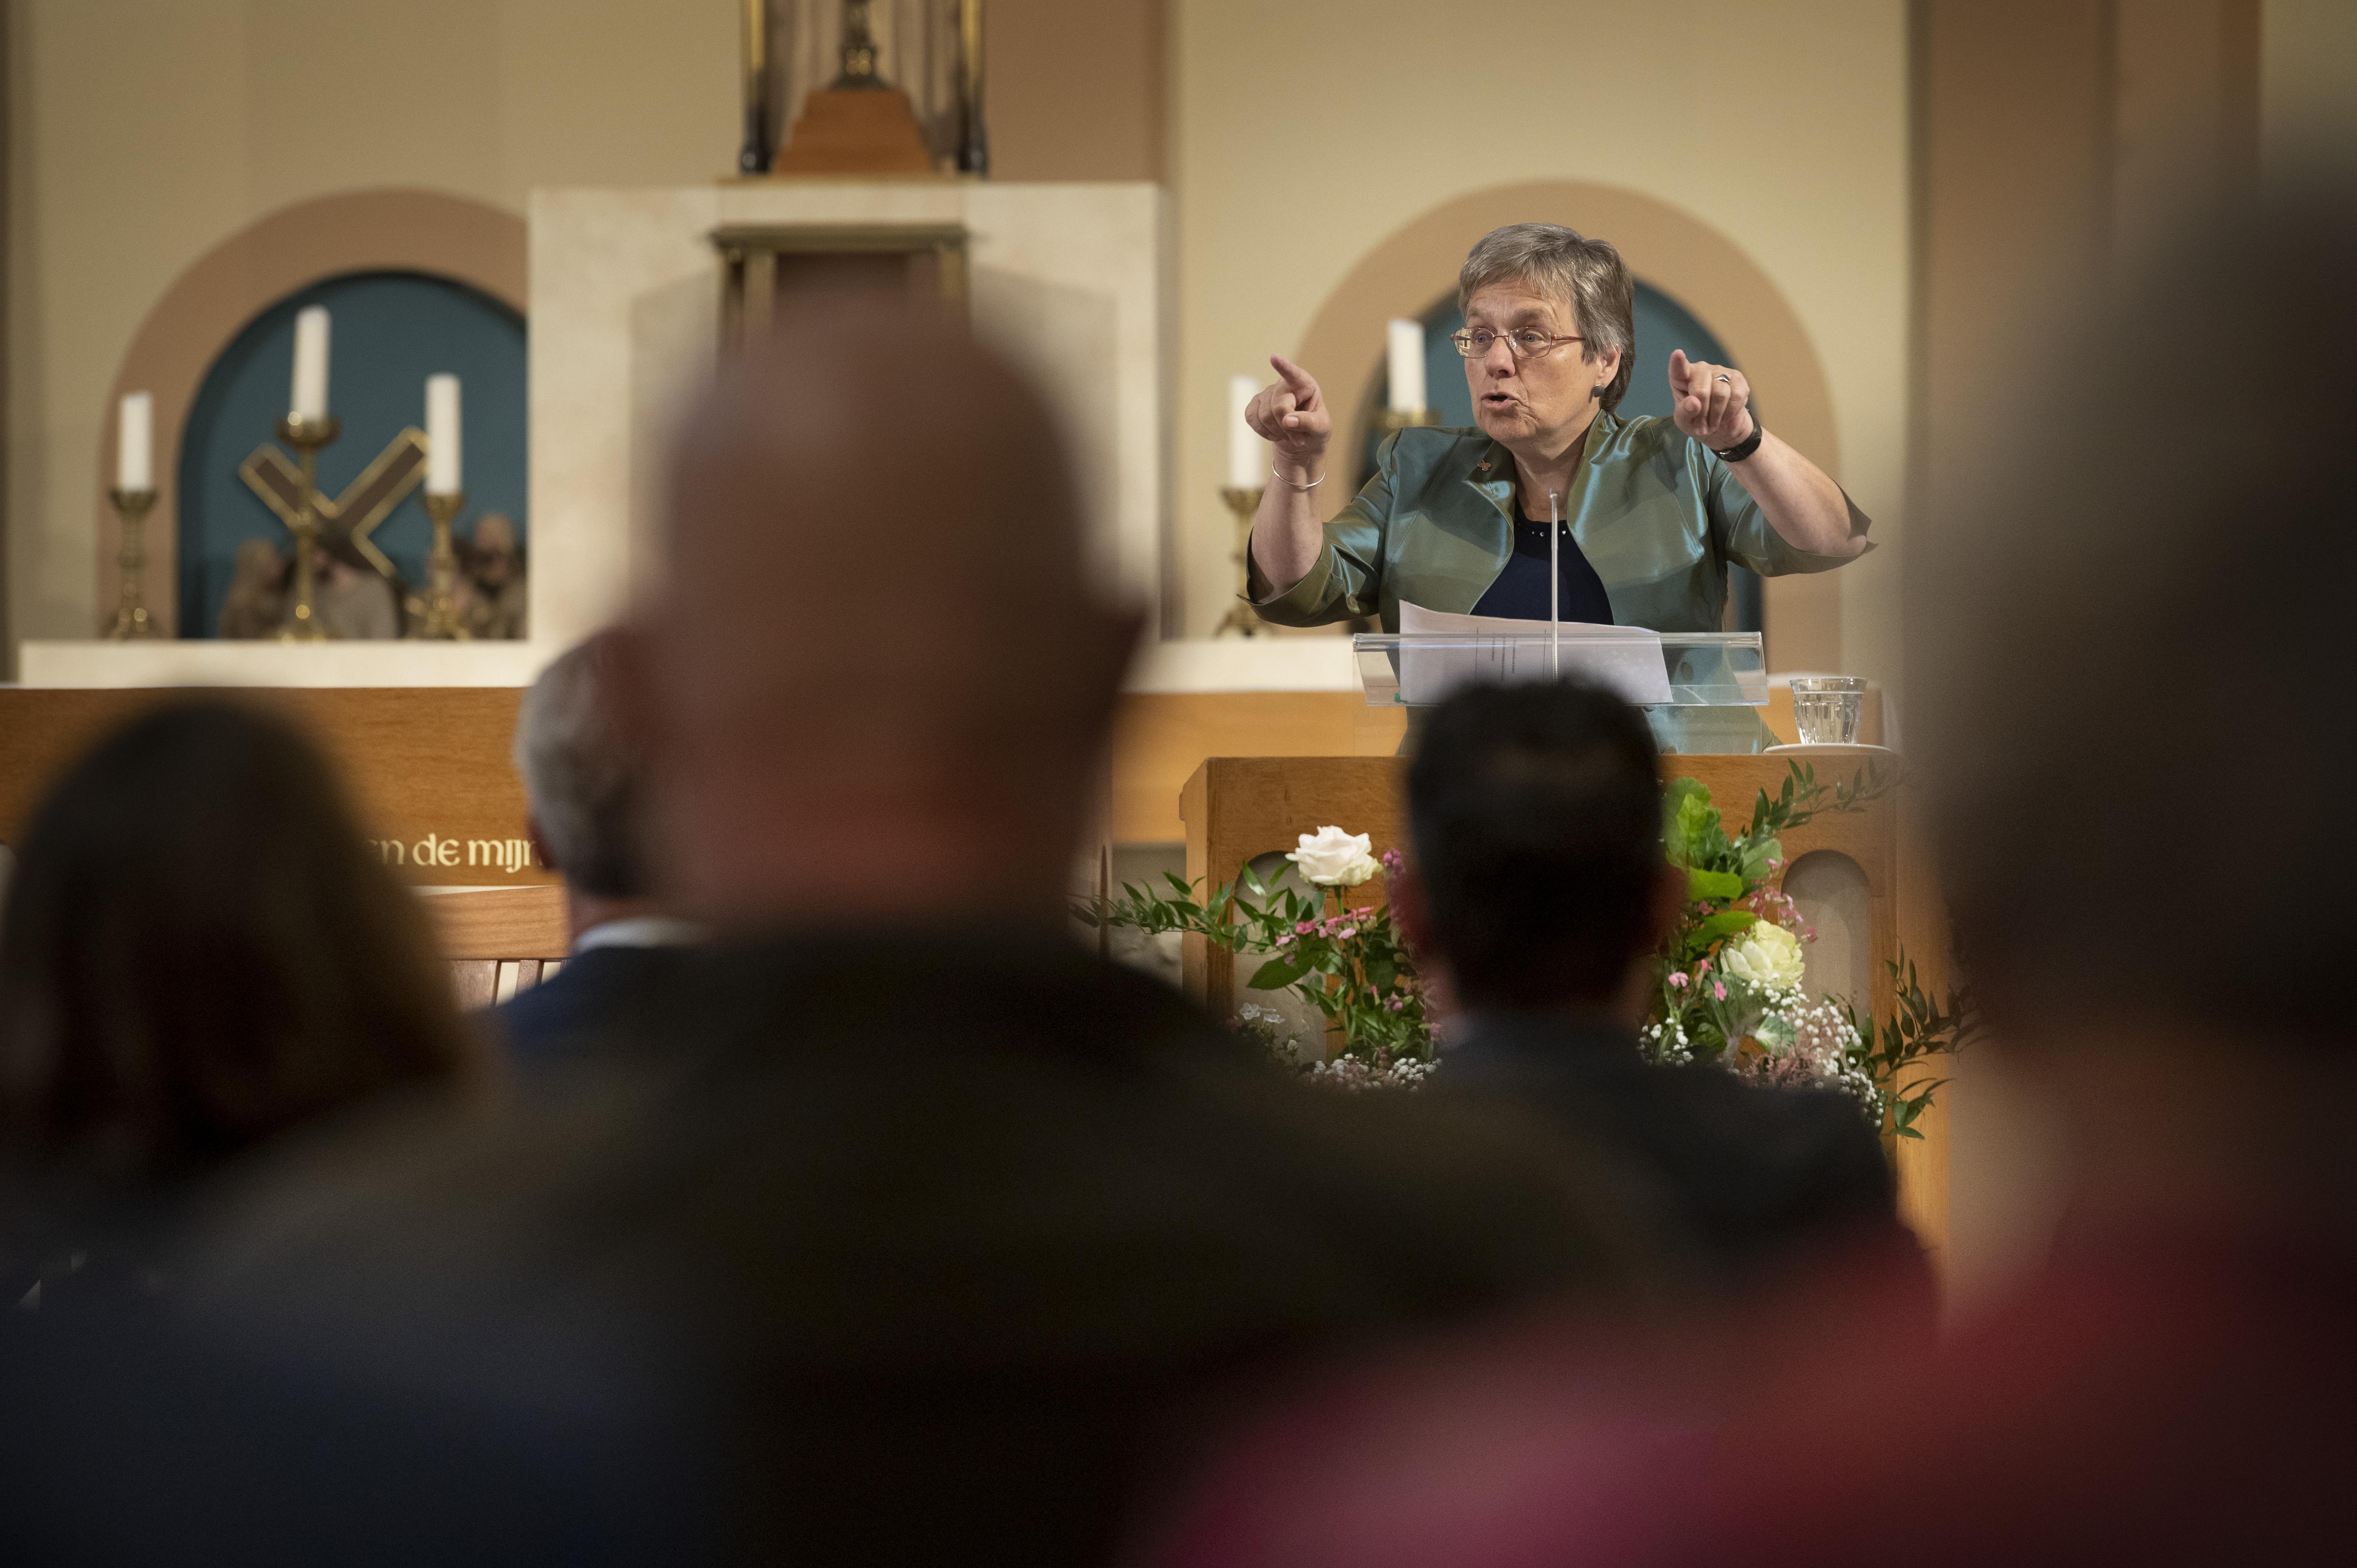 'Zoeterwouws' afscheid burgemeester Bloemen: 'Liesbeth, je bent een topwijf'